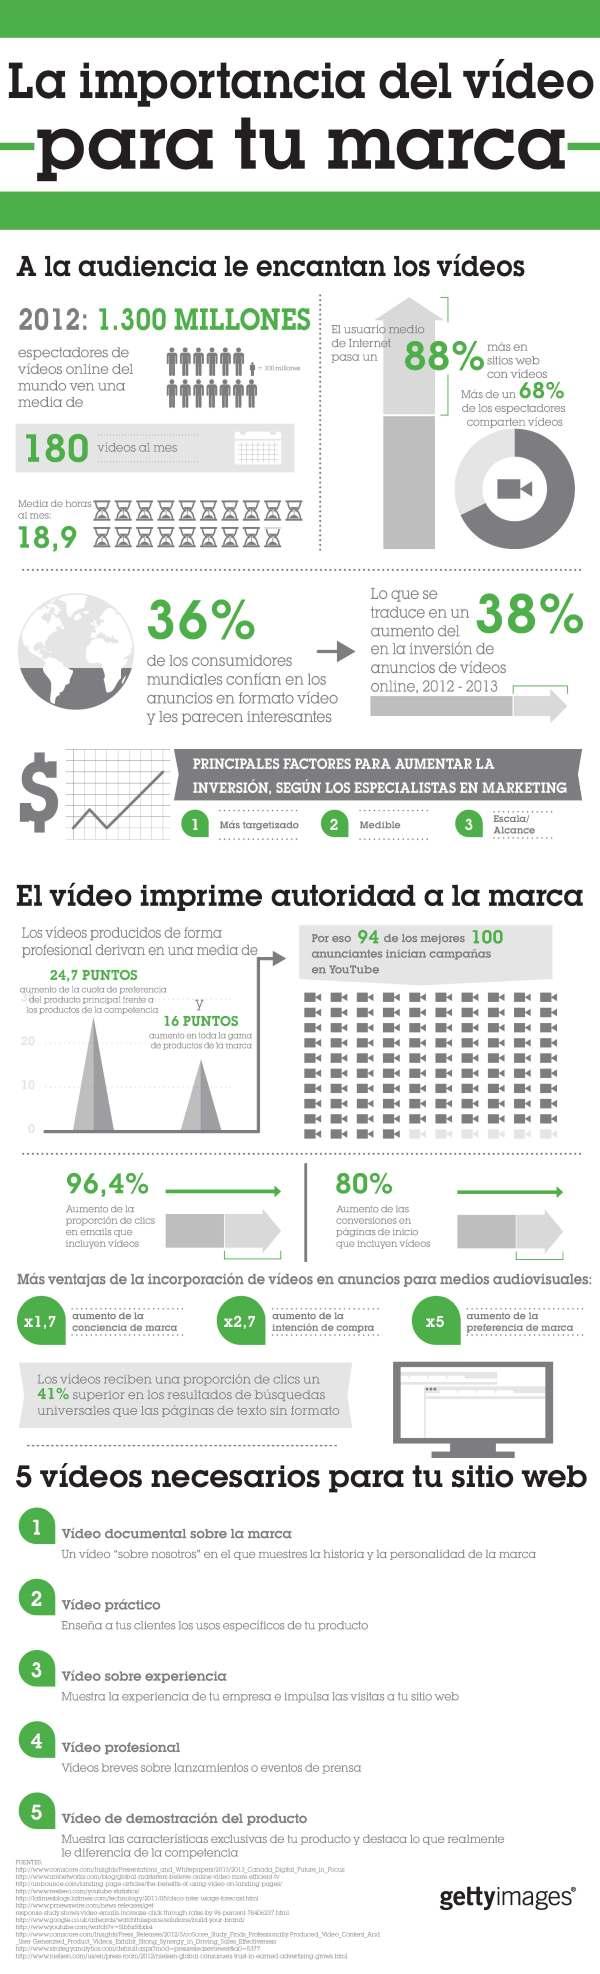 Infografía: La importancia del vídeo para las marcas